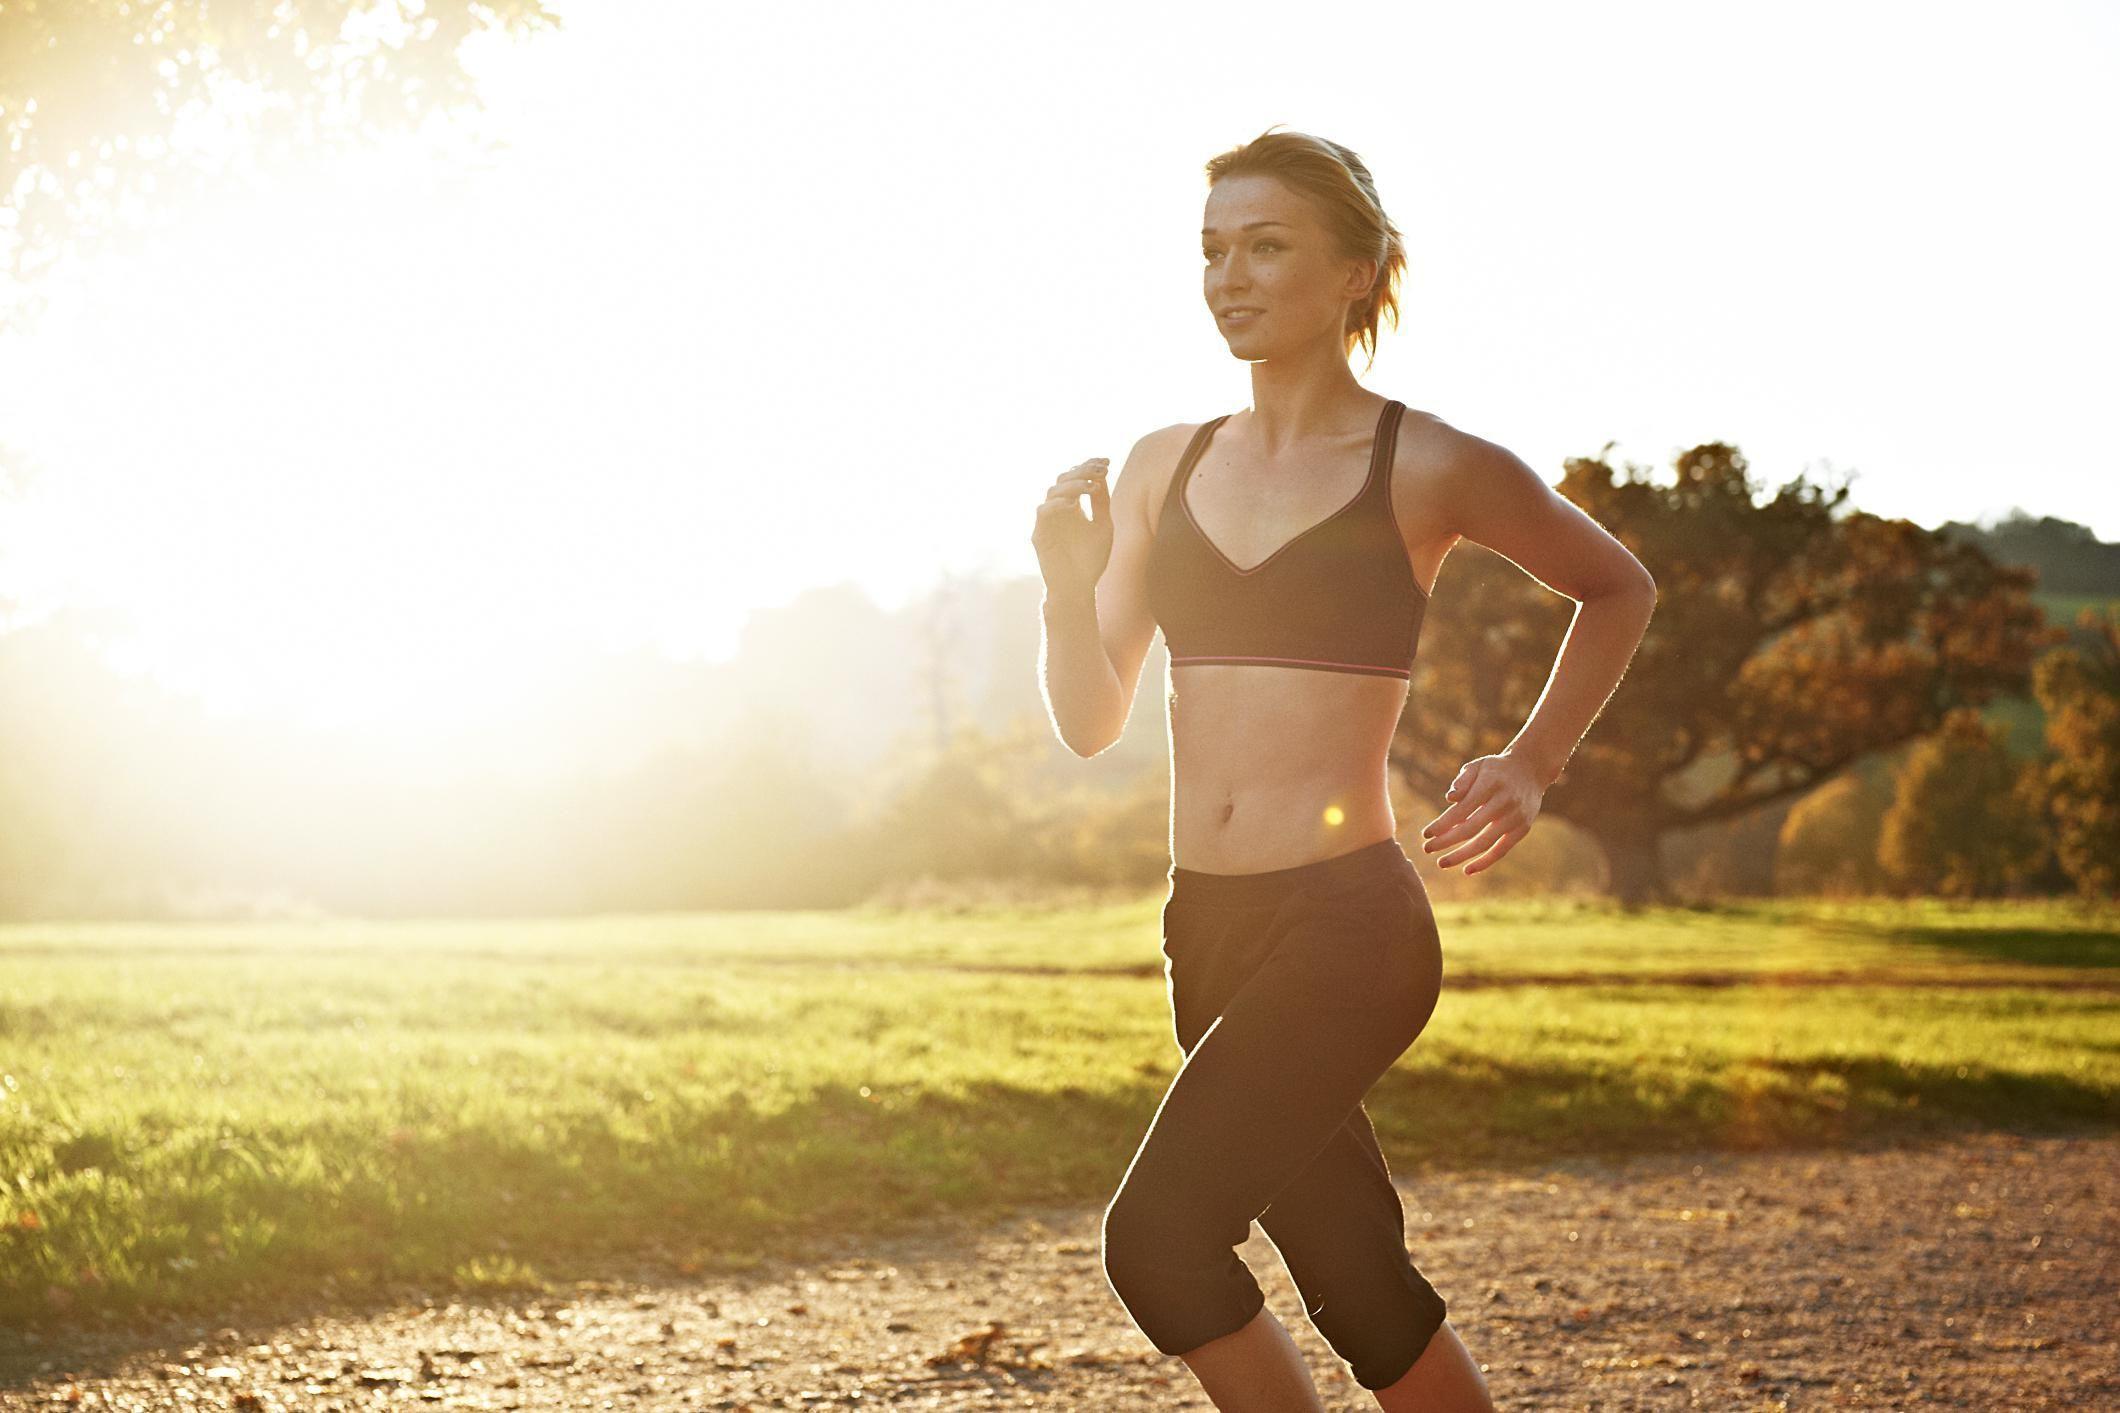 Reggiseno sportivo: perchè indossarlo anche se hai il seno piccolo